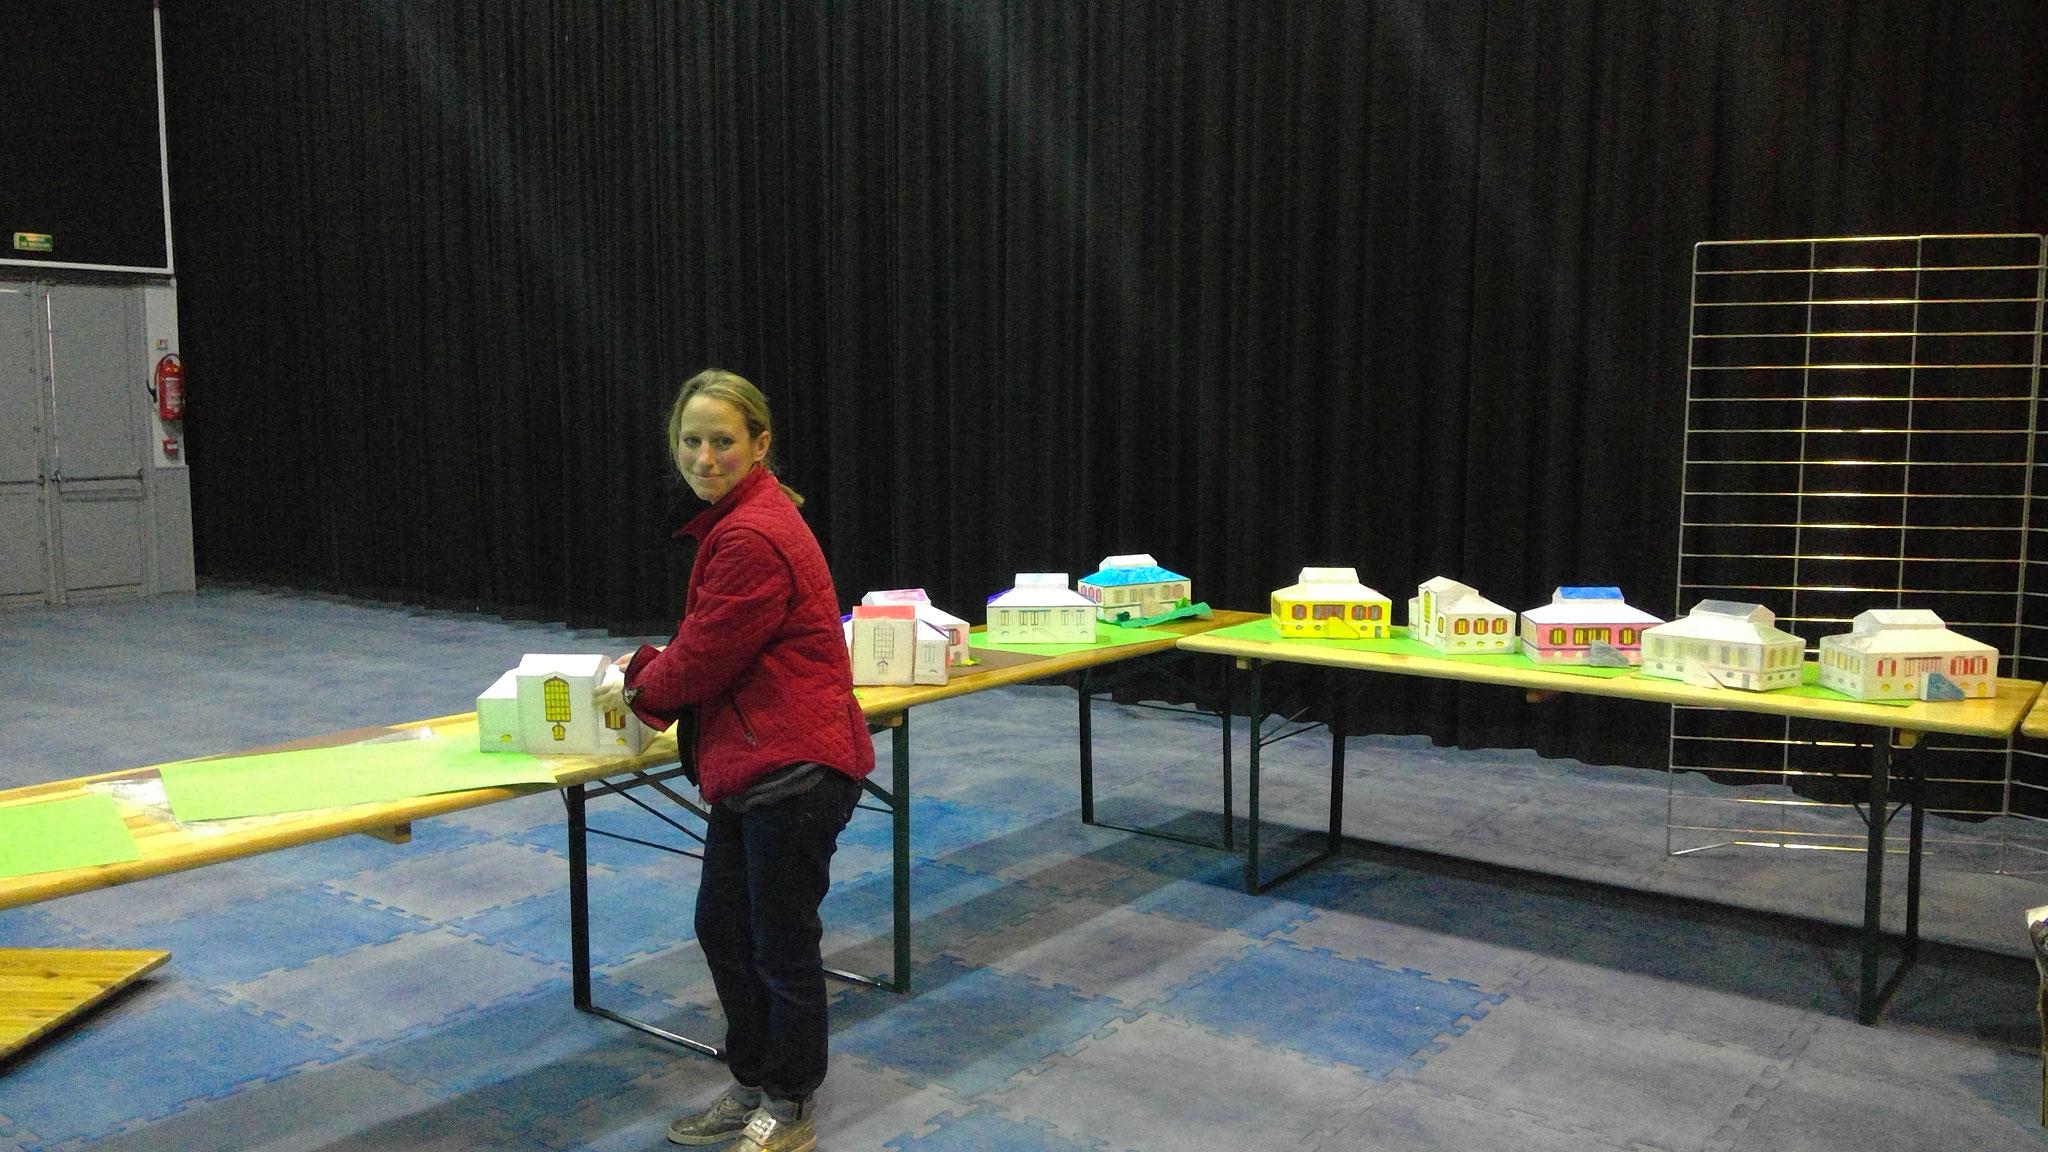 L'installation des travaux des enfants, atelier architecture à l'école élémentaire Vavasseur animé par Bertille di Pace